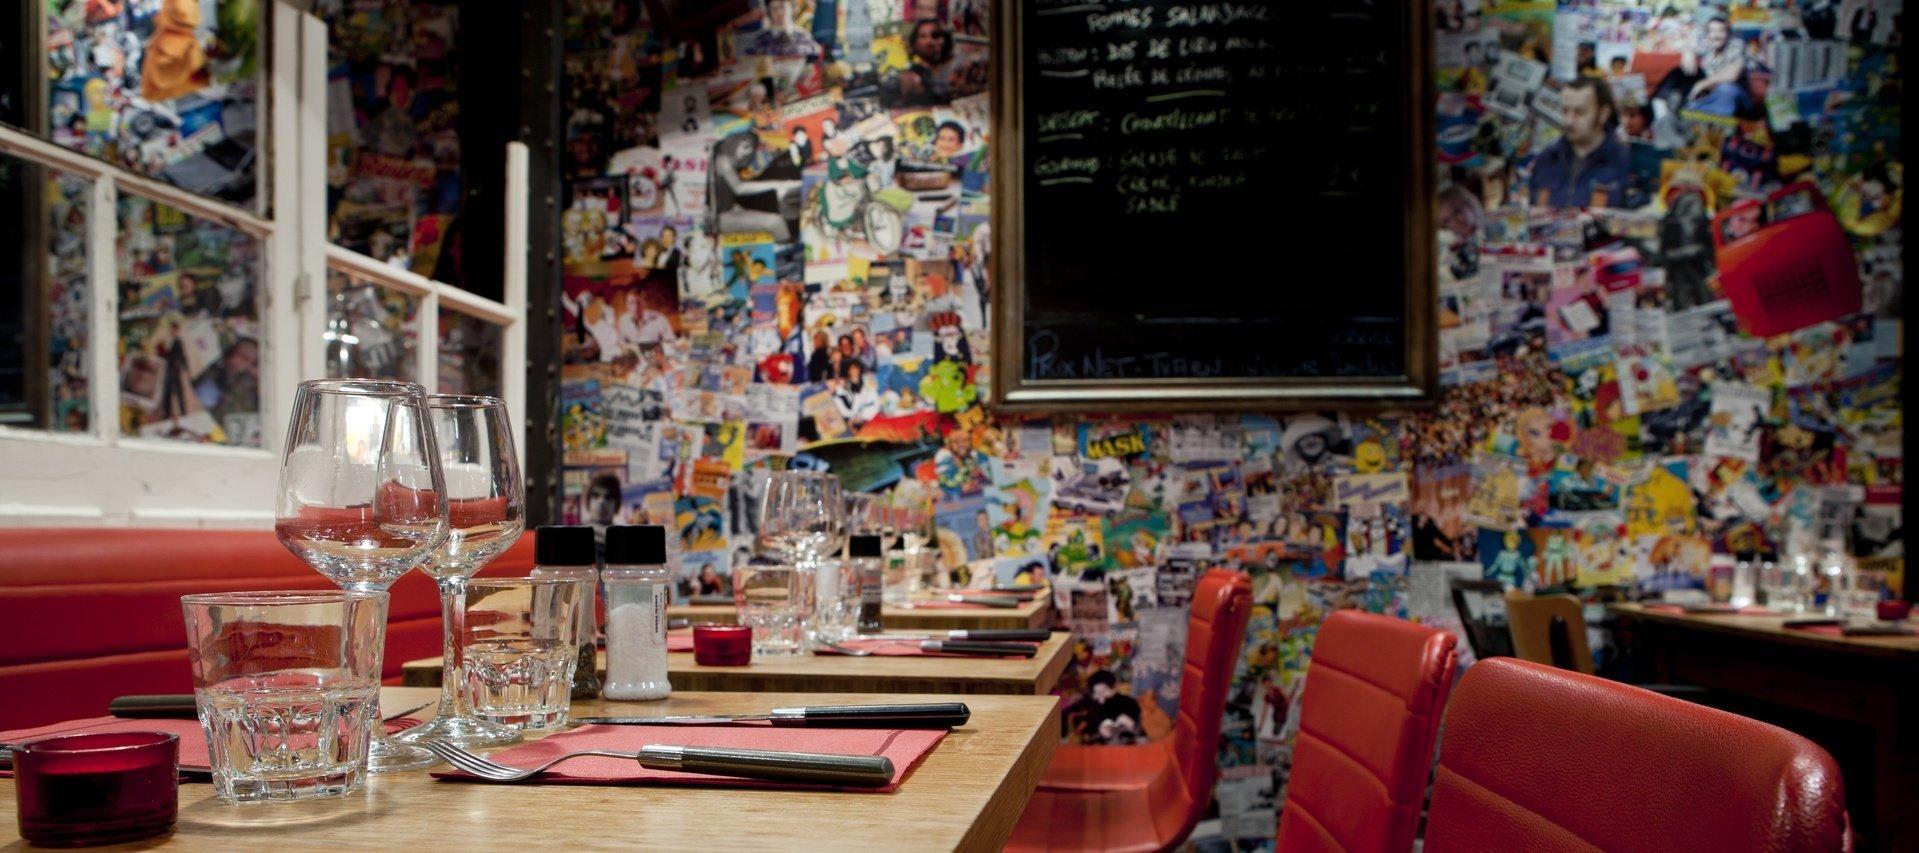 Paris corporate event venues Restaurant Le Club des 5 image 0